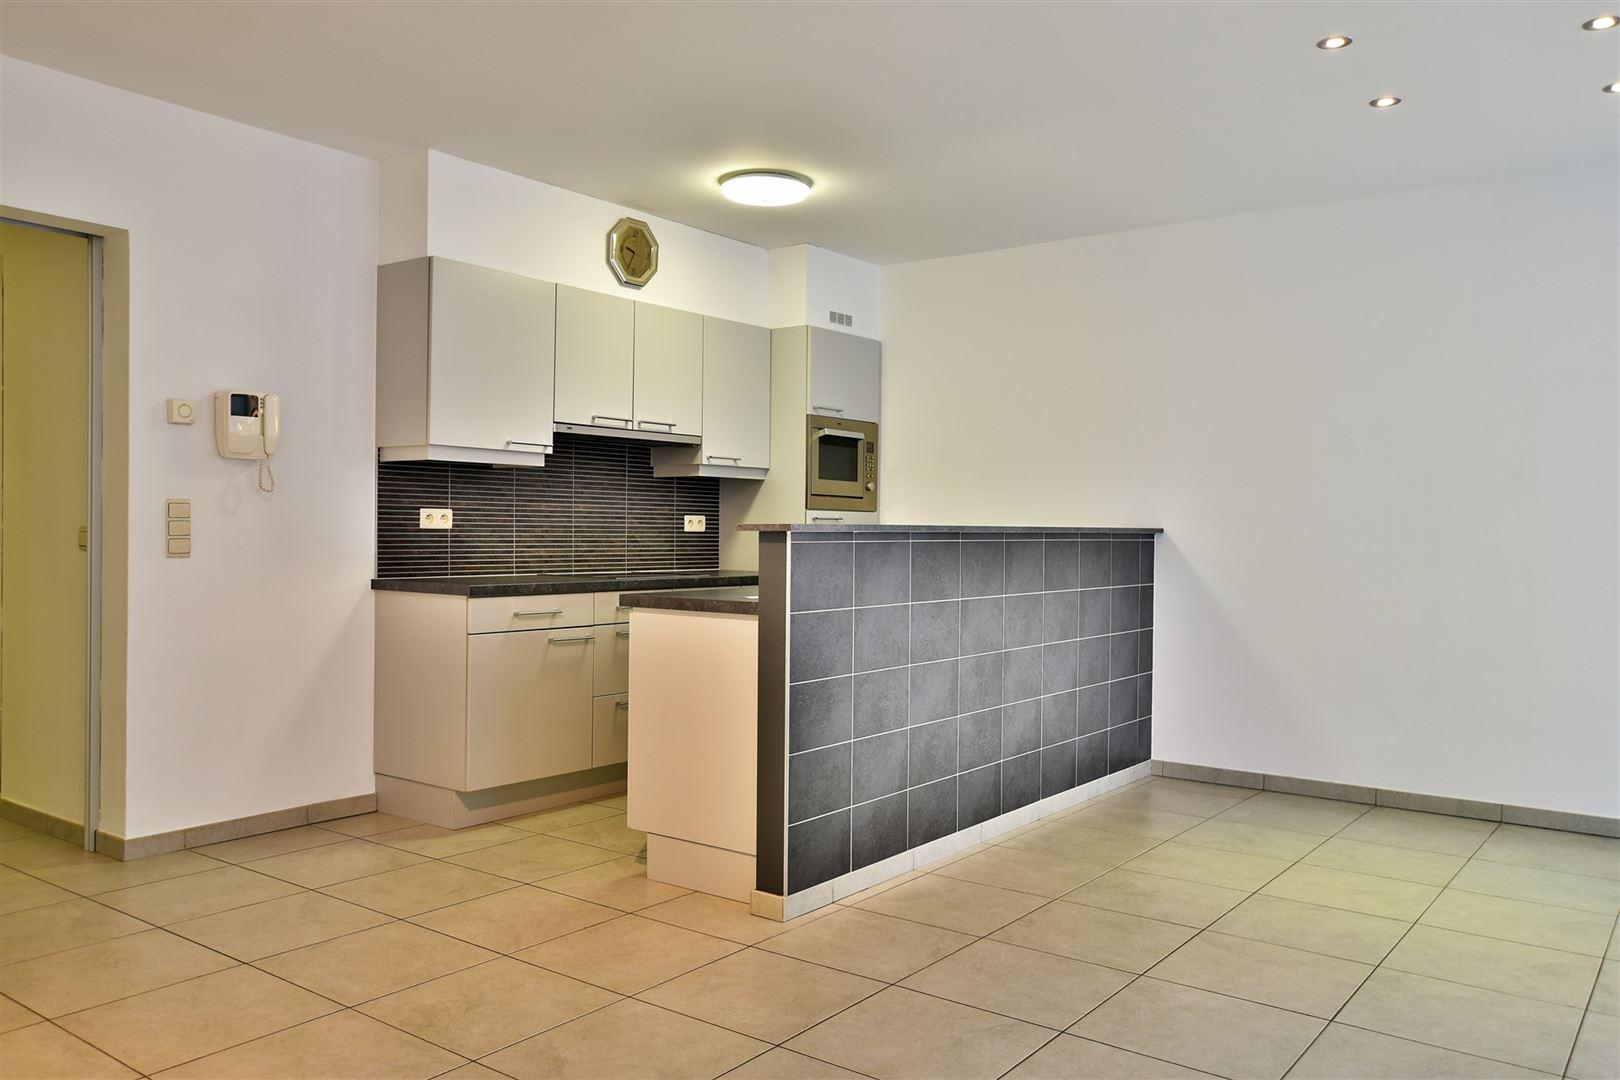 Foto 4 : Appartement te 8400 OOSTENDE (België) - Prijs € 299.000